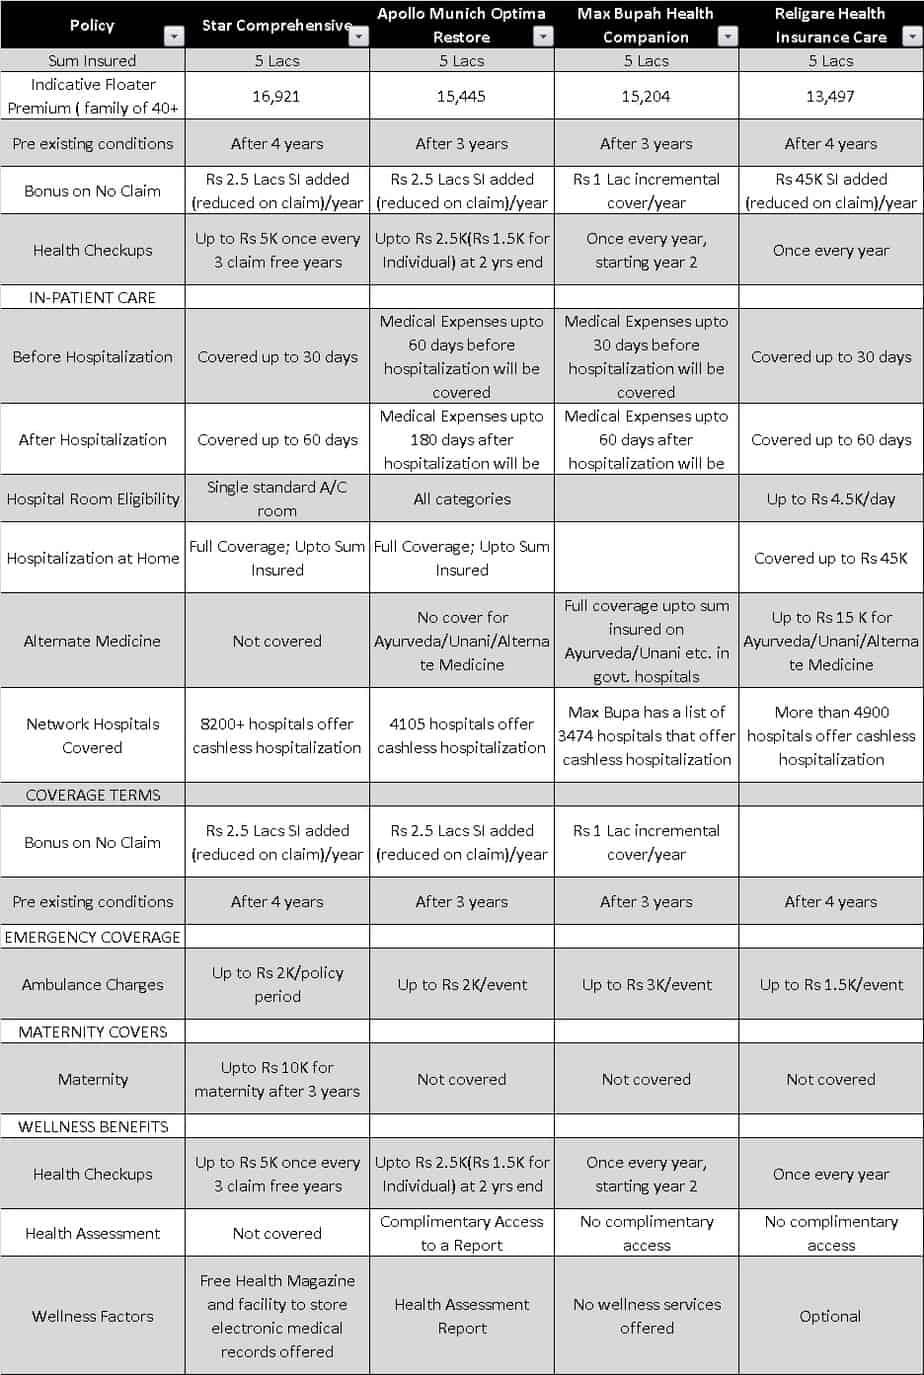 Feature comparison of Star Health Comprehensive Insurance, Apollo Munich Optima Restore, Religare Care Health Insurance and MAx Bupa Health Companion